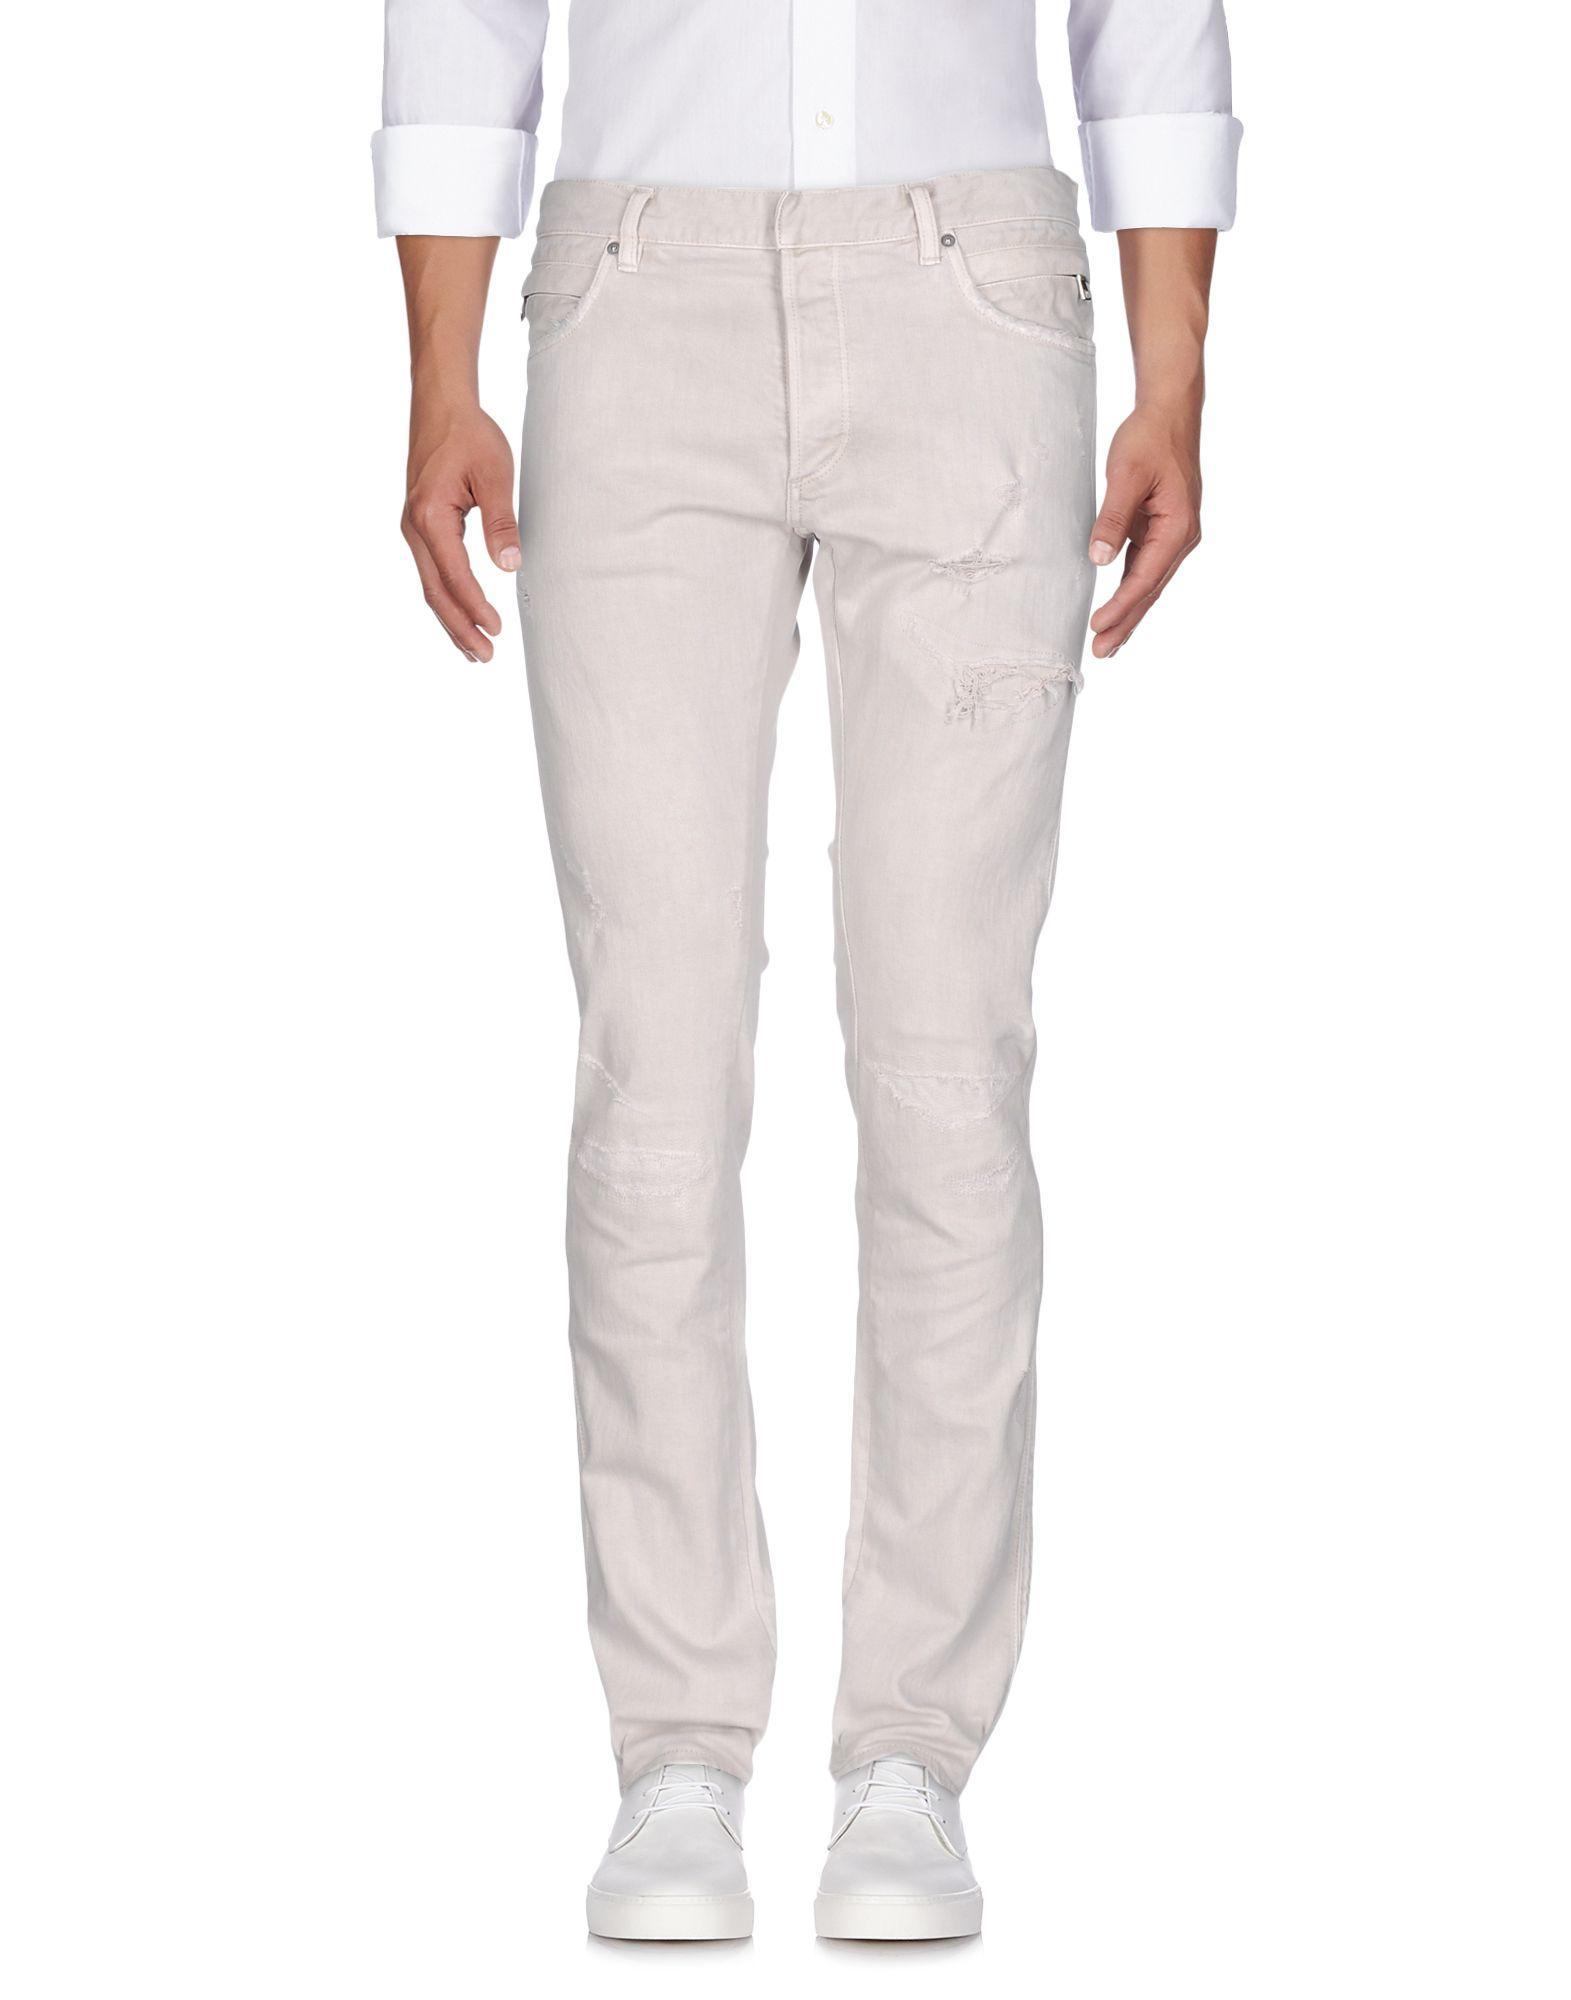 688777bc801b5b Balmain Denim Pants In Grey | ModeSens